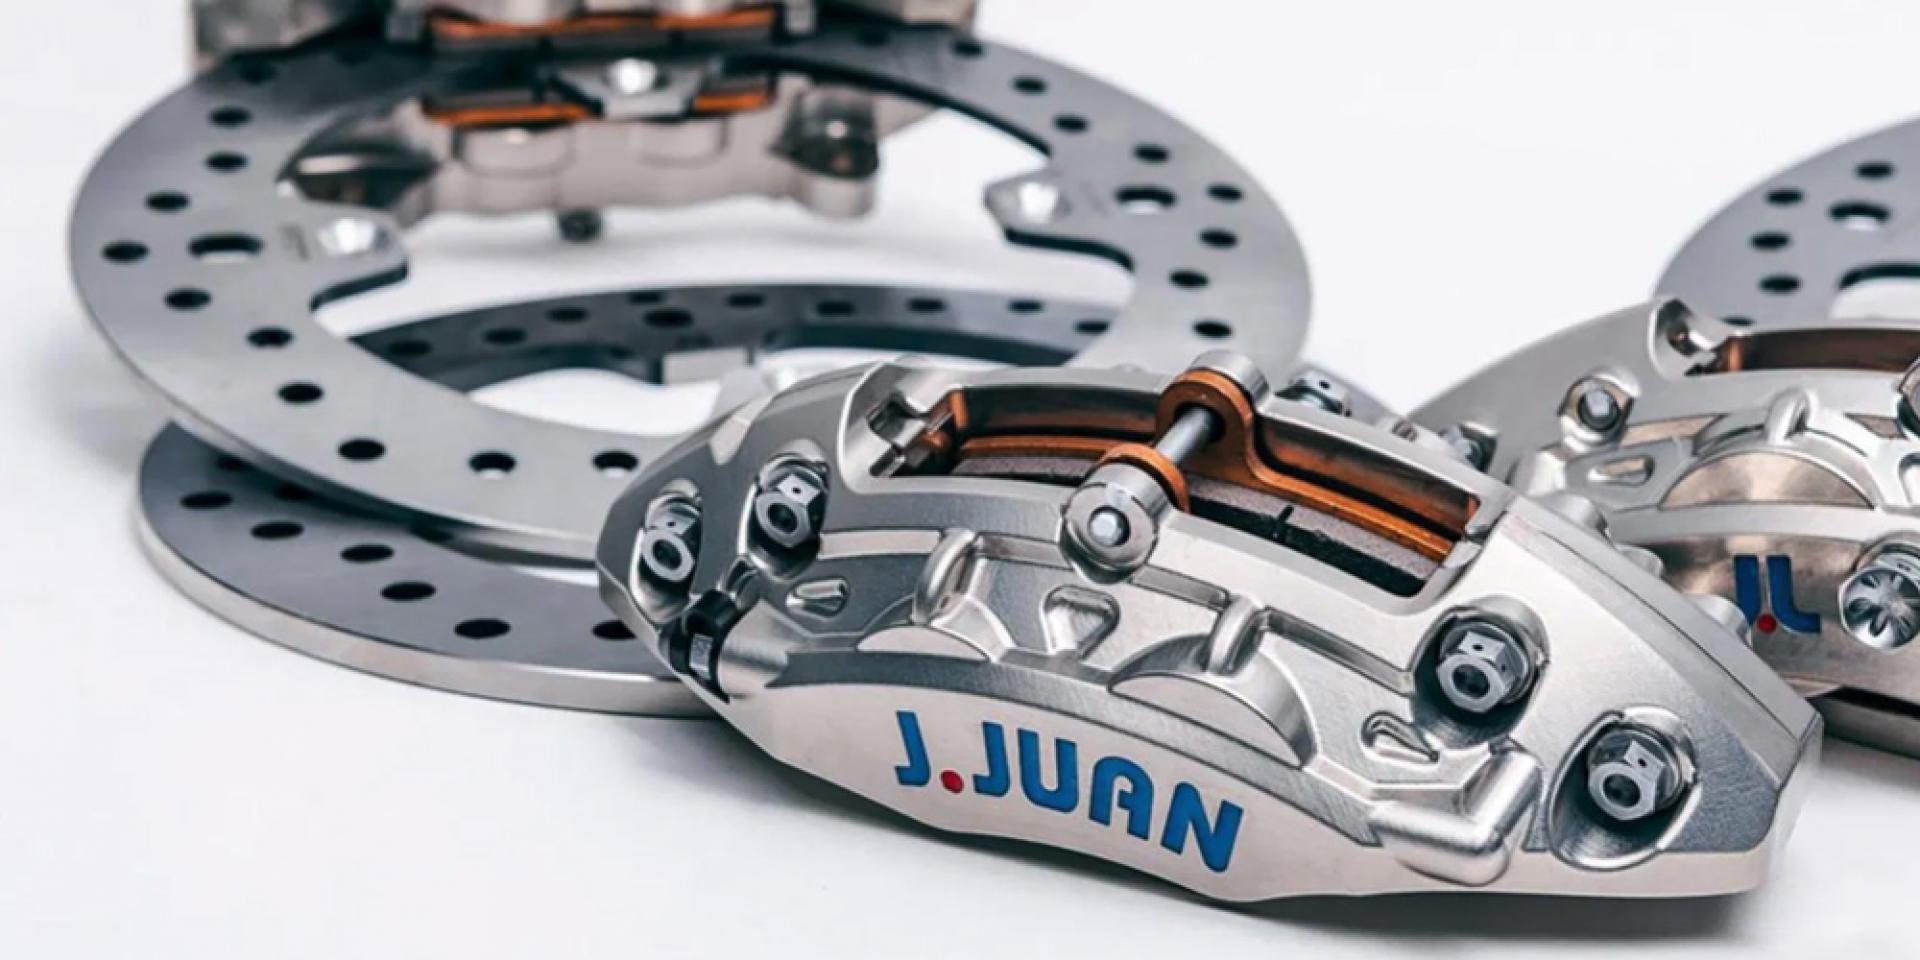 稱霸煞車市場?Brembo以七千萬歐元收購J.Juan Brakes!